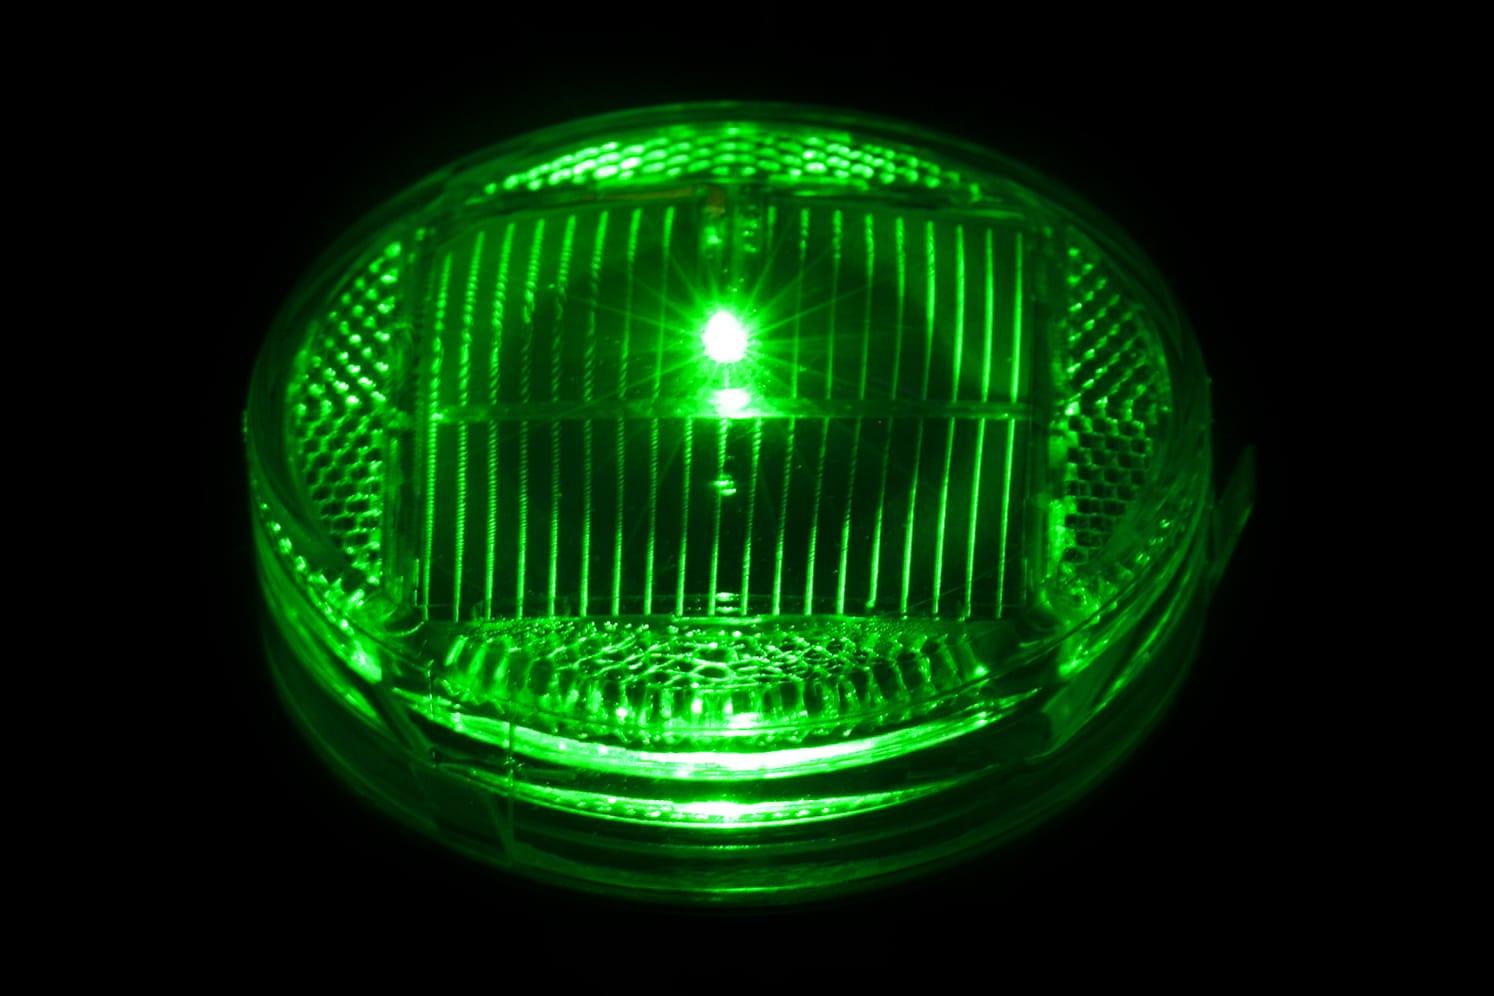 Plot LED balisage solaire vertical ECO-84 vert